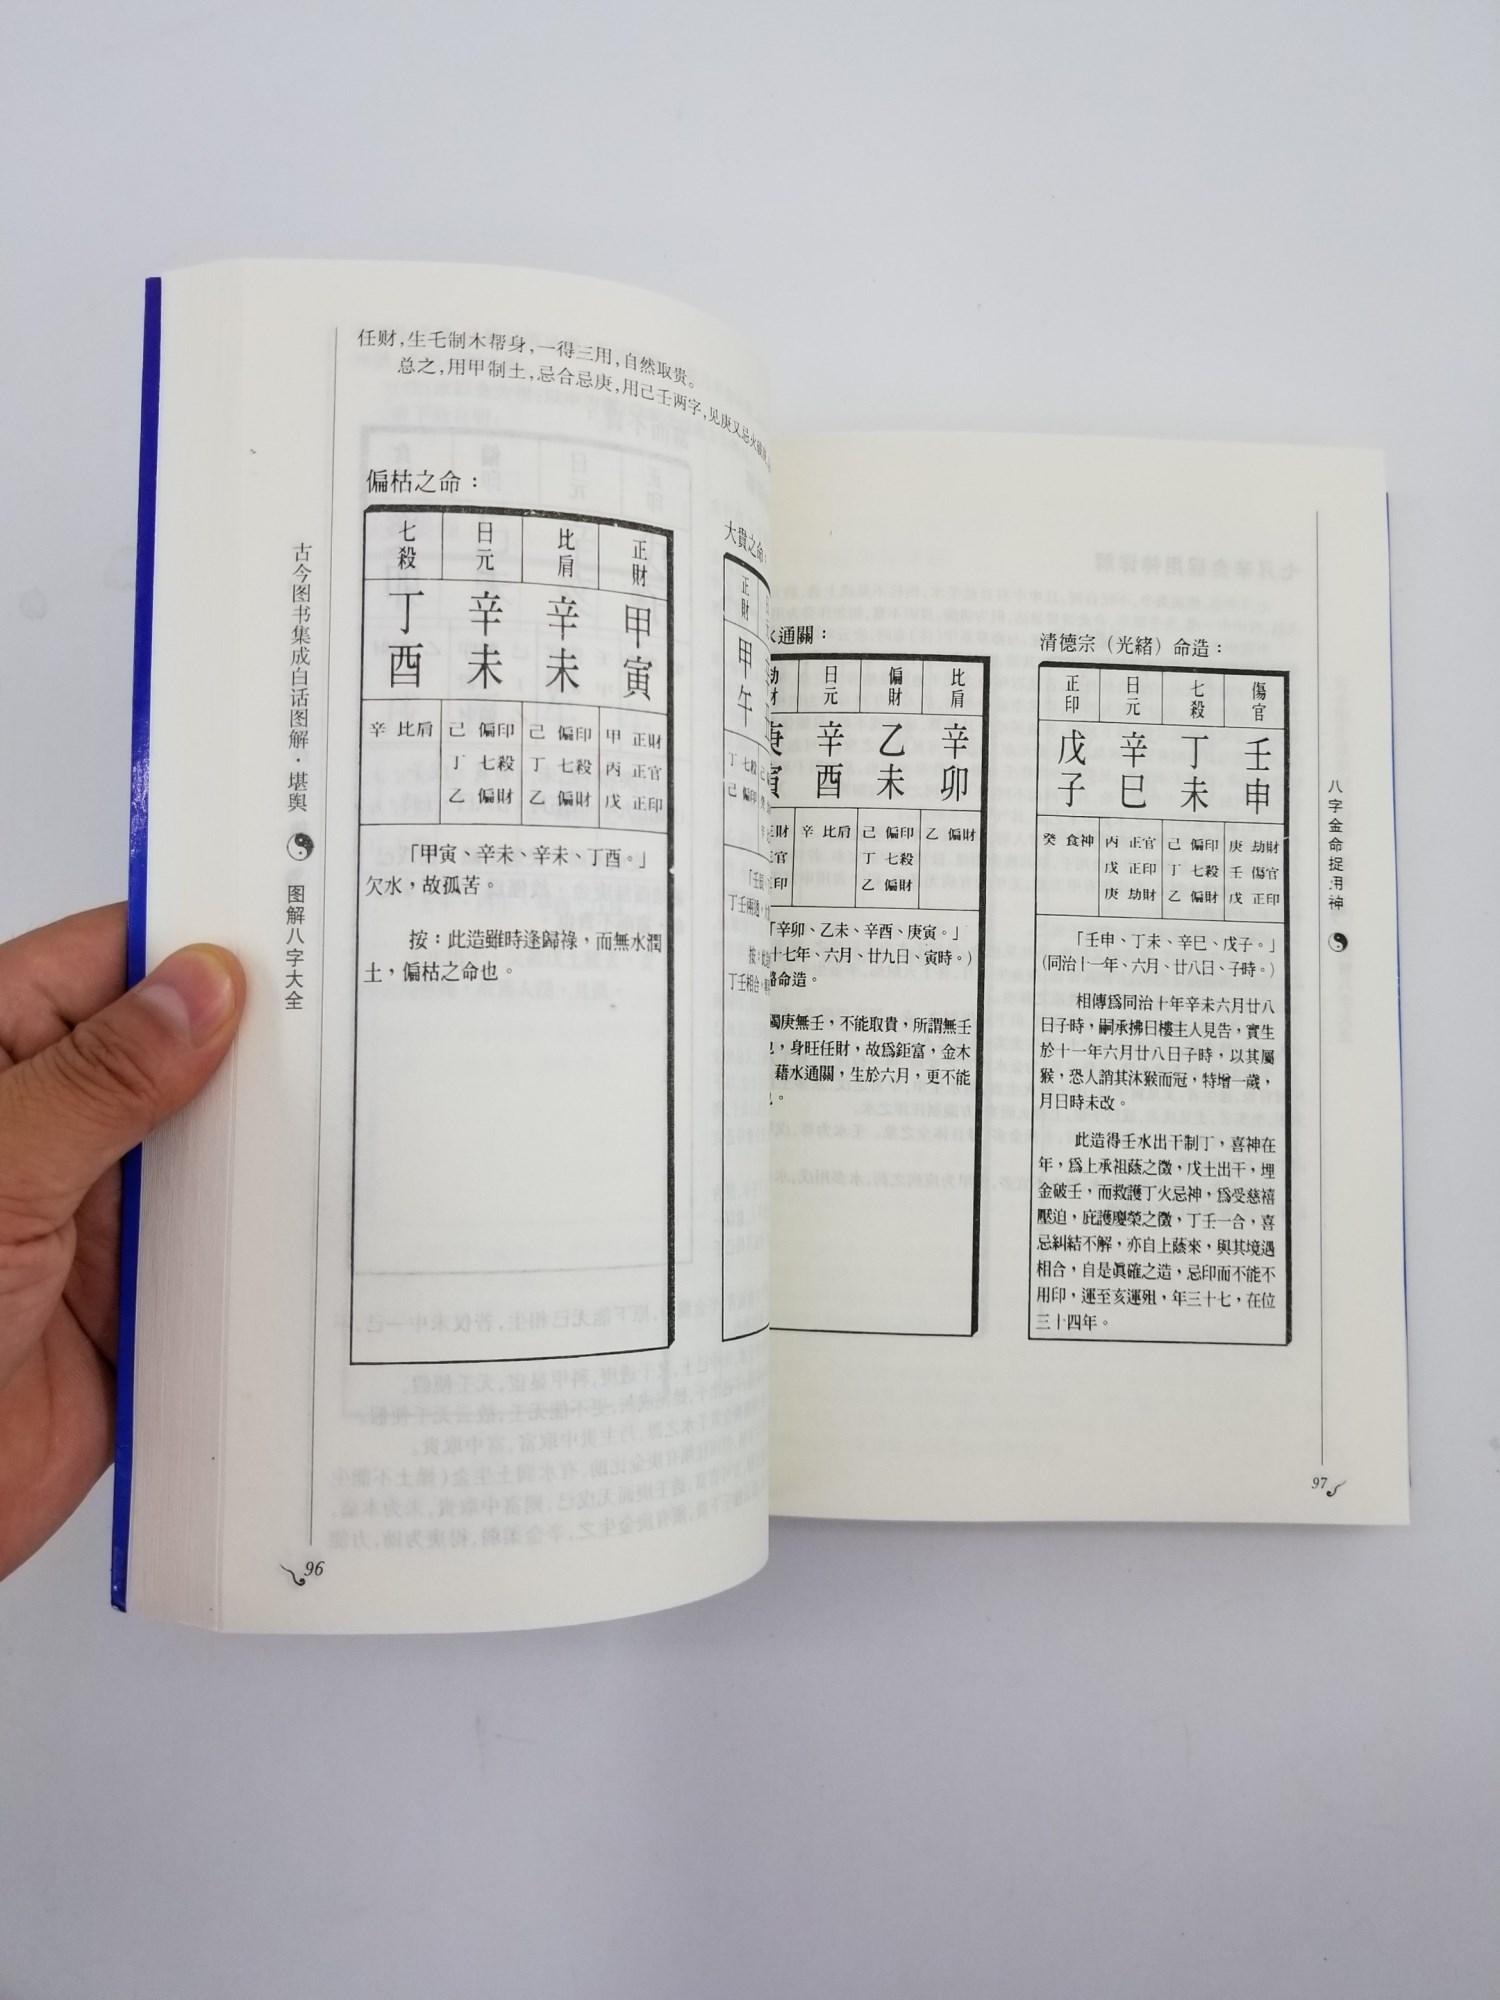 四柱预测学八字命理书籍风水书籍道教书籍佛教经文经典 八字大全